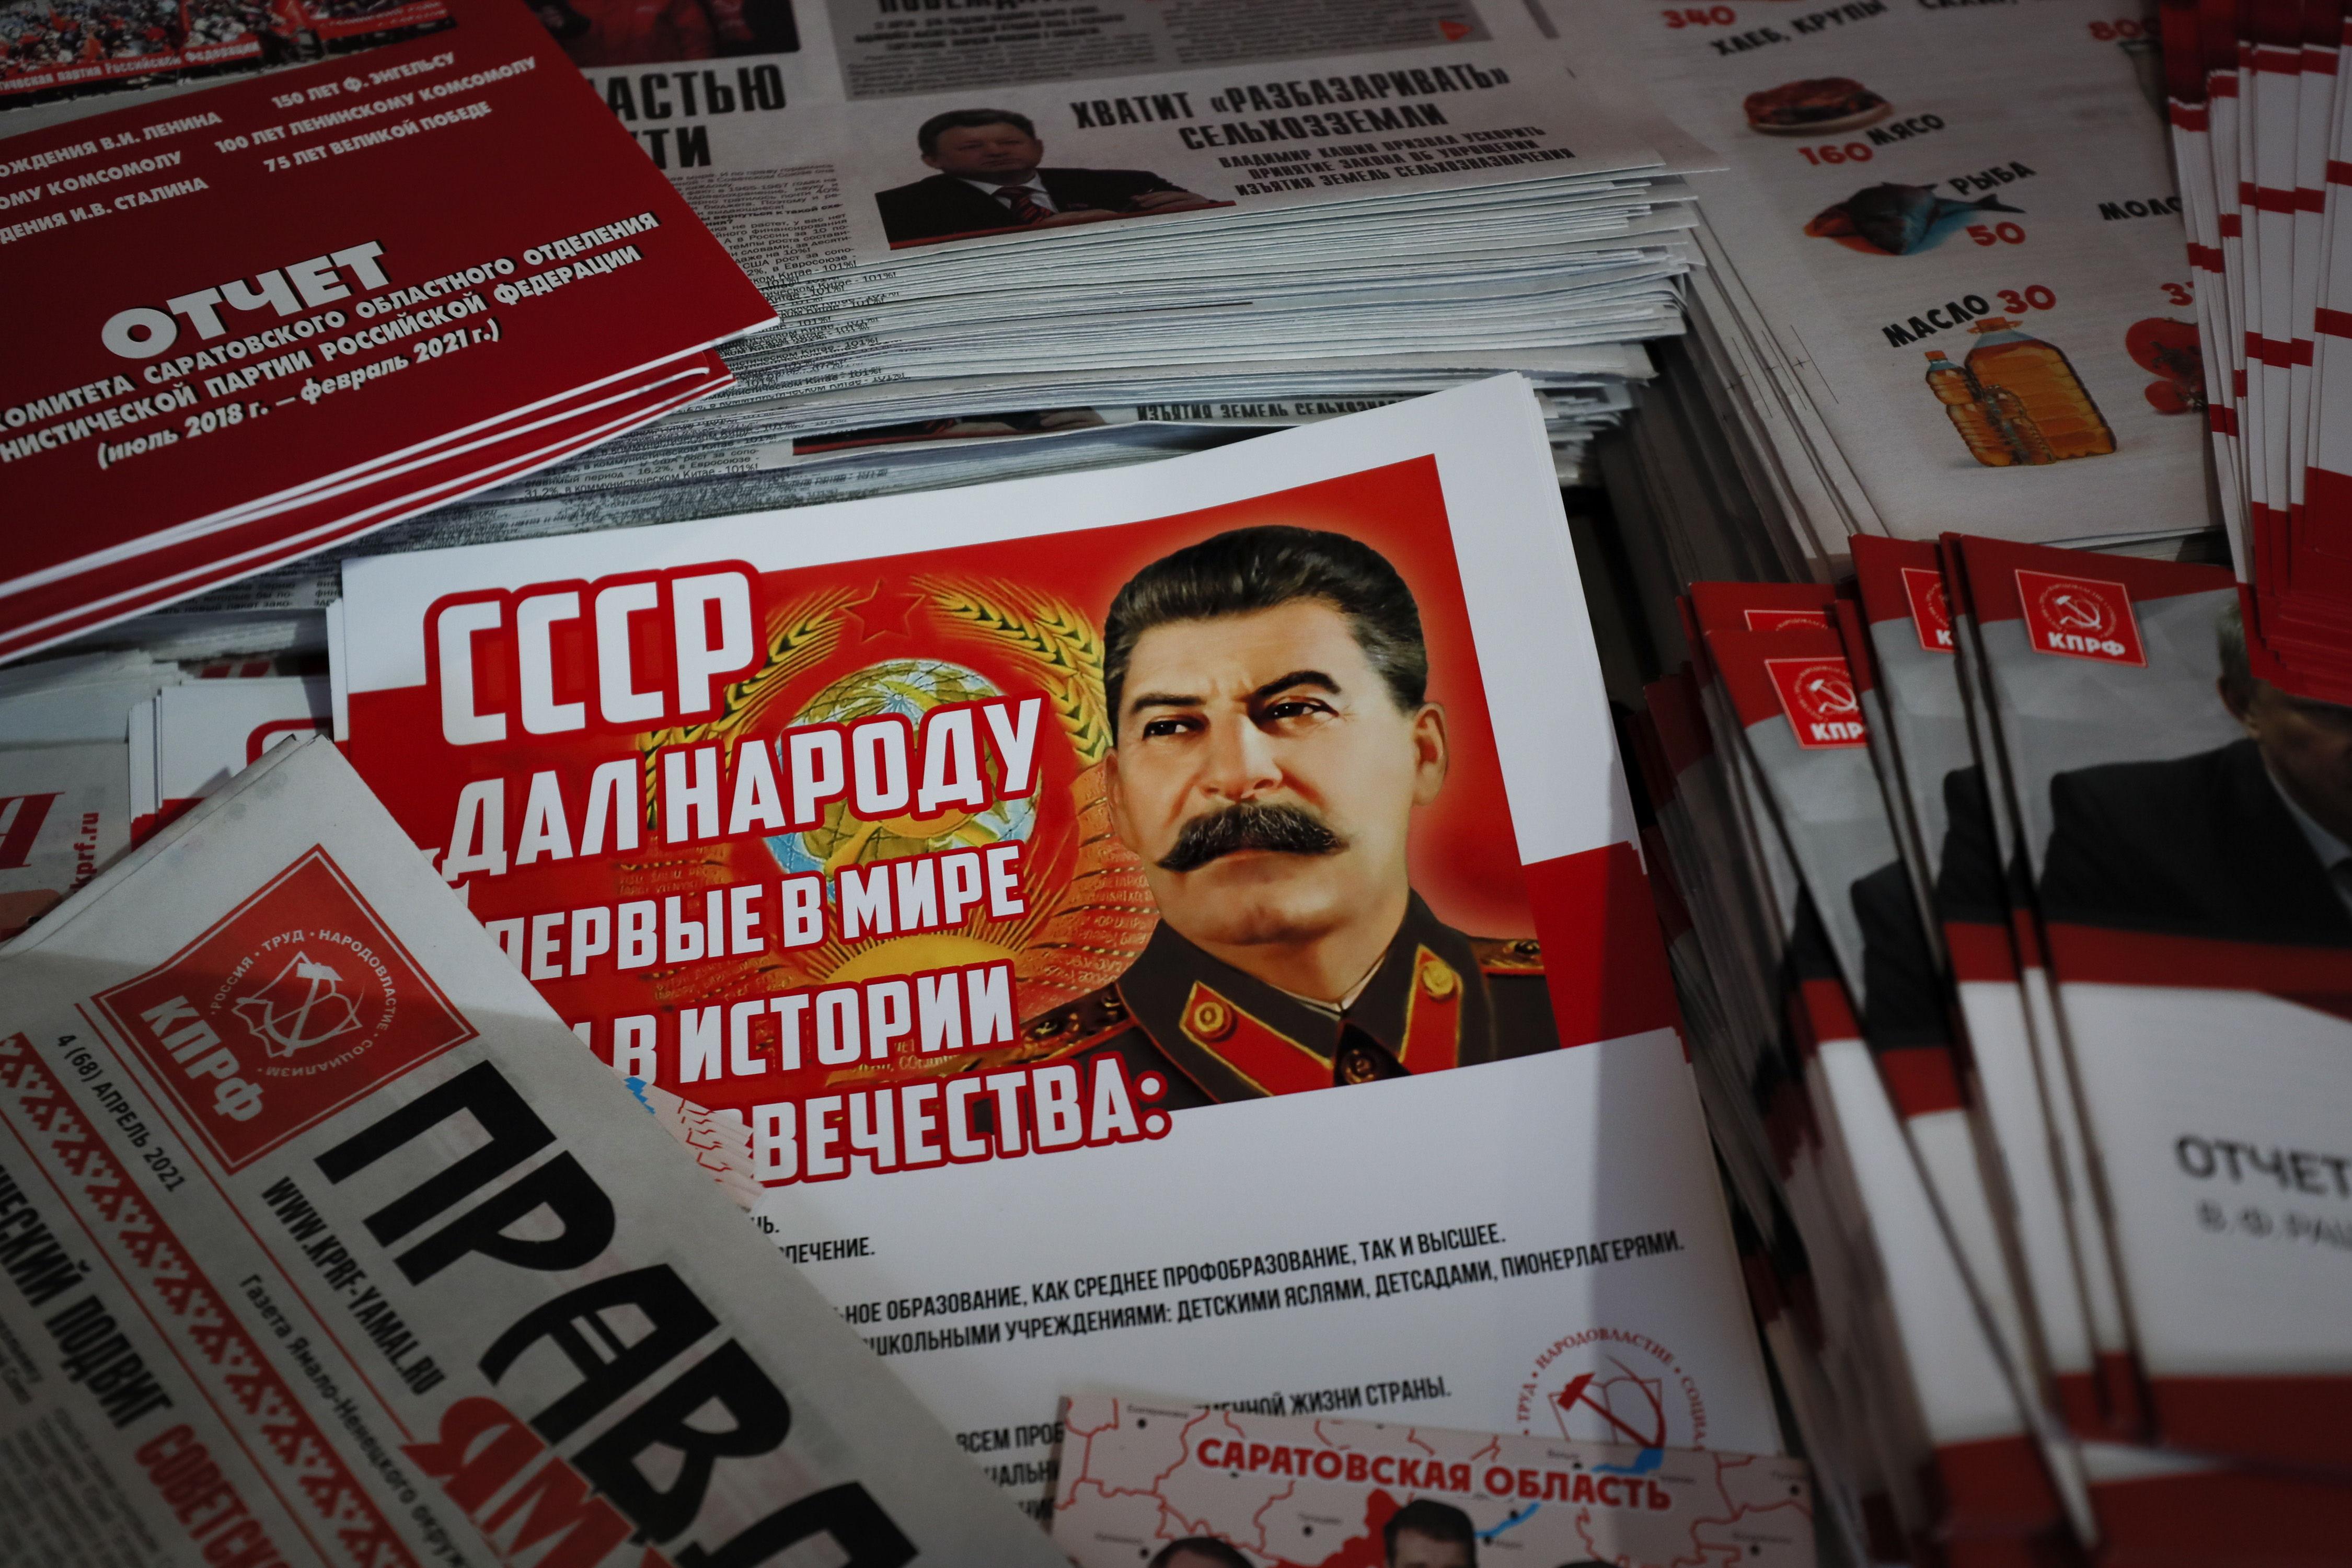 Un periódico con una imagen de Stalin.